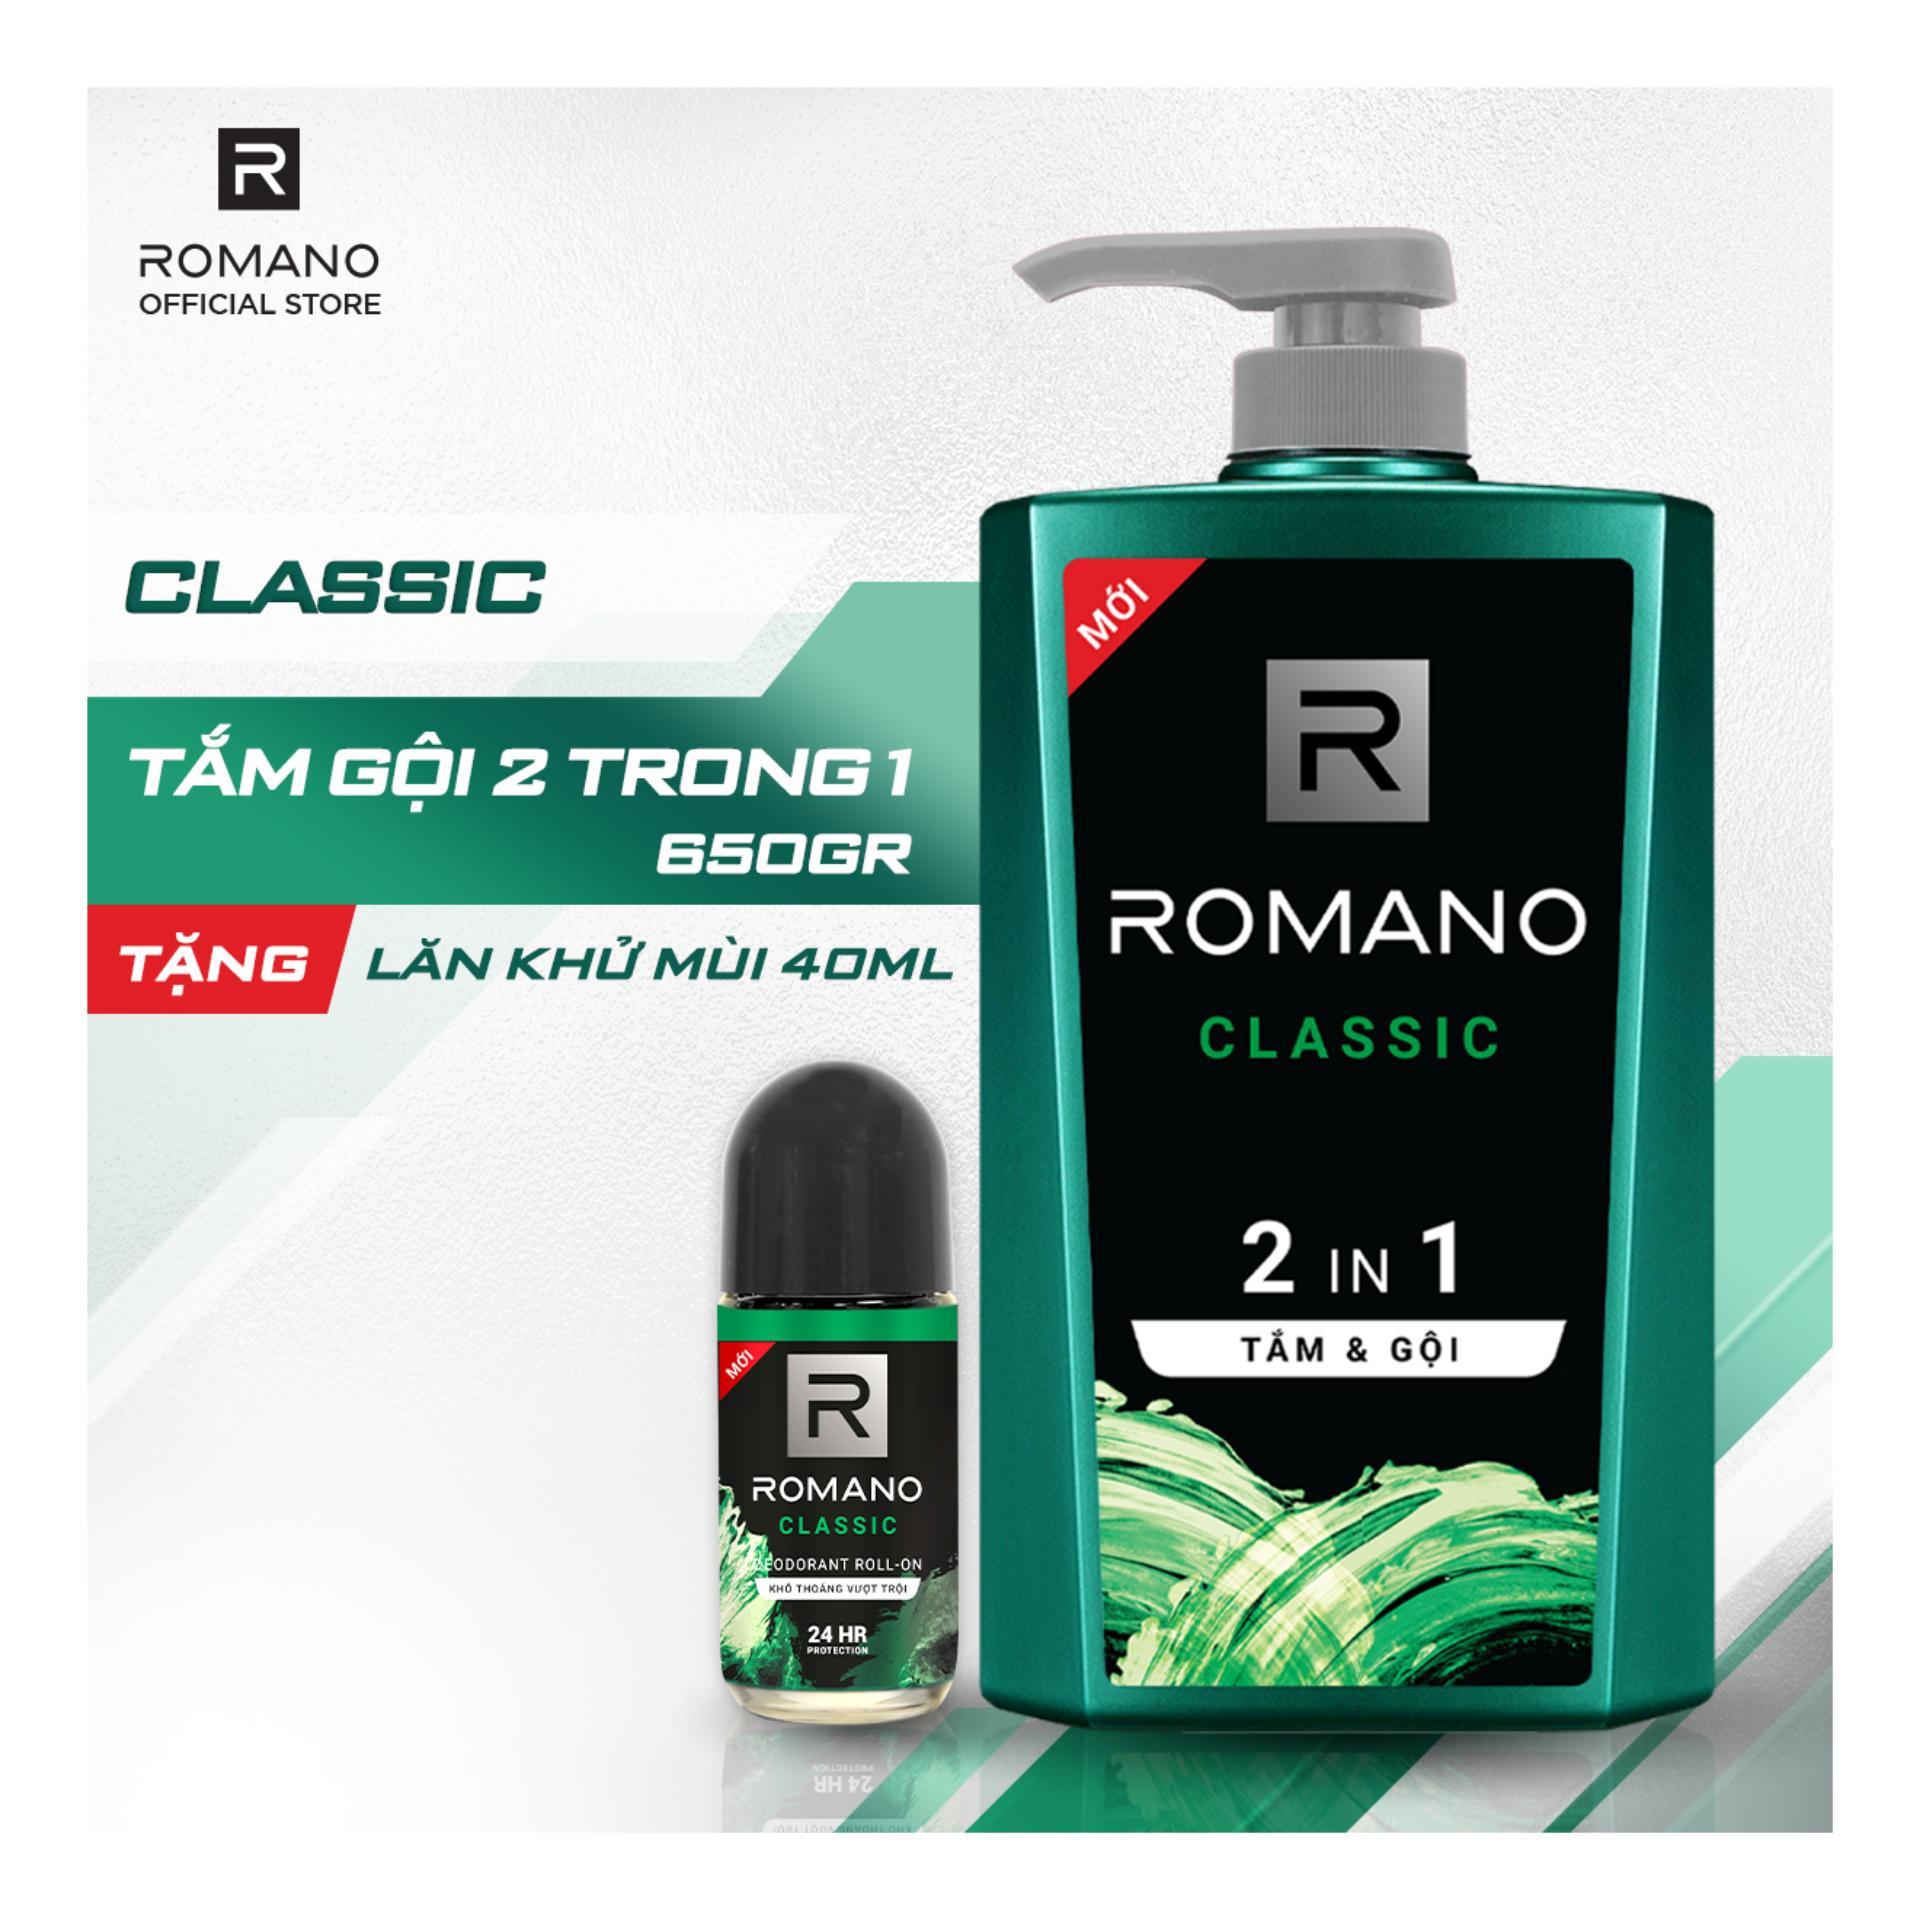 [Tặng Lăn khử mùi Romano Classic 40ml] Tắm gội 2 trong 1 Romano Classic 650g